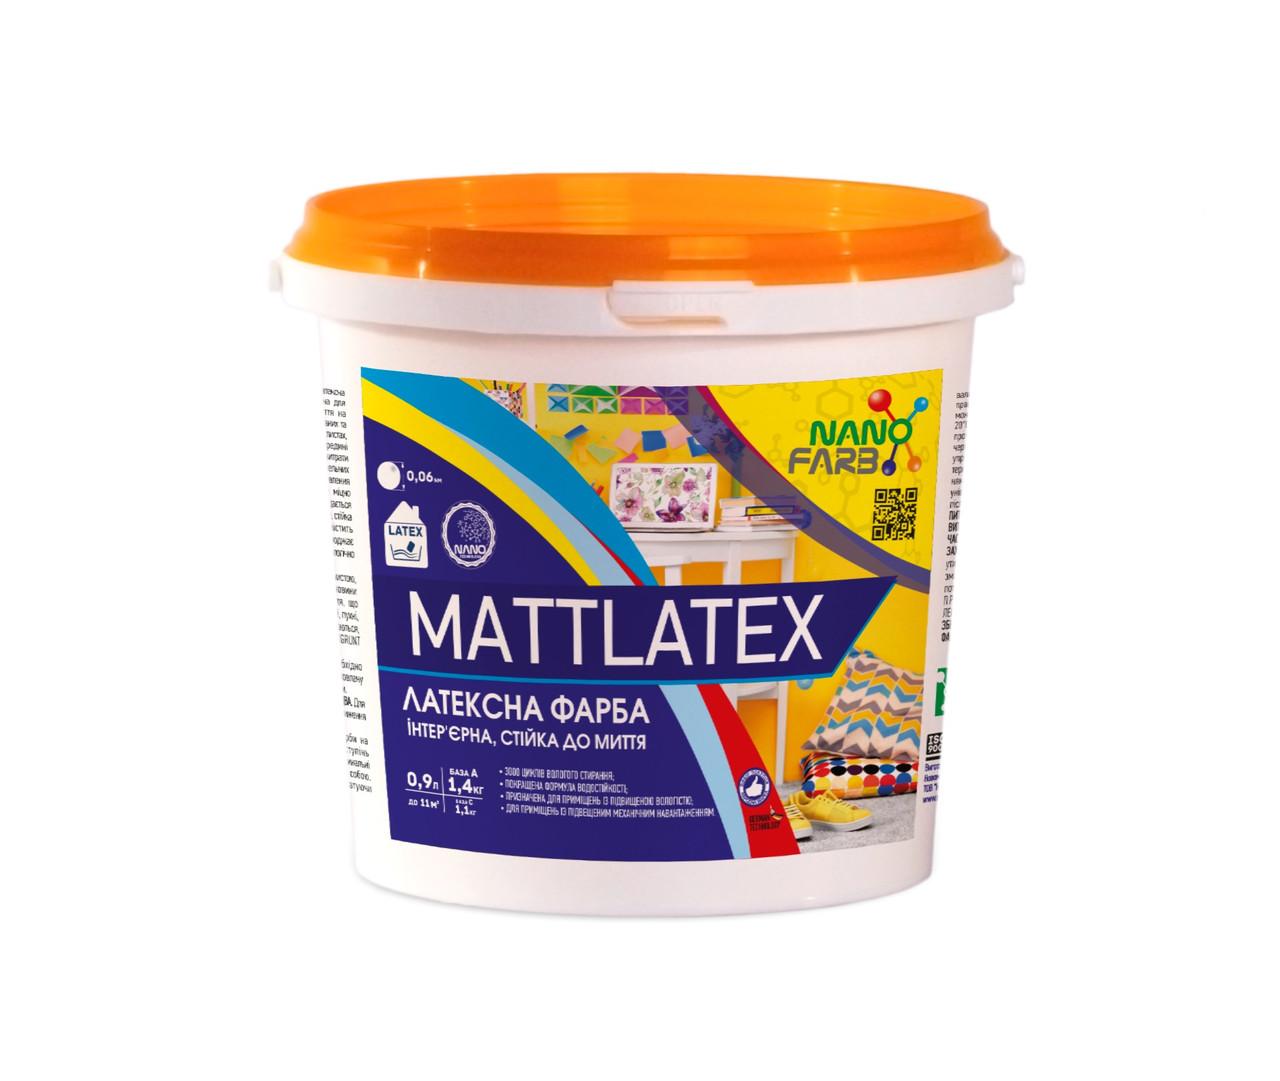 Нанофарб Mattlatex фарба, що миється, 7 кг